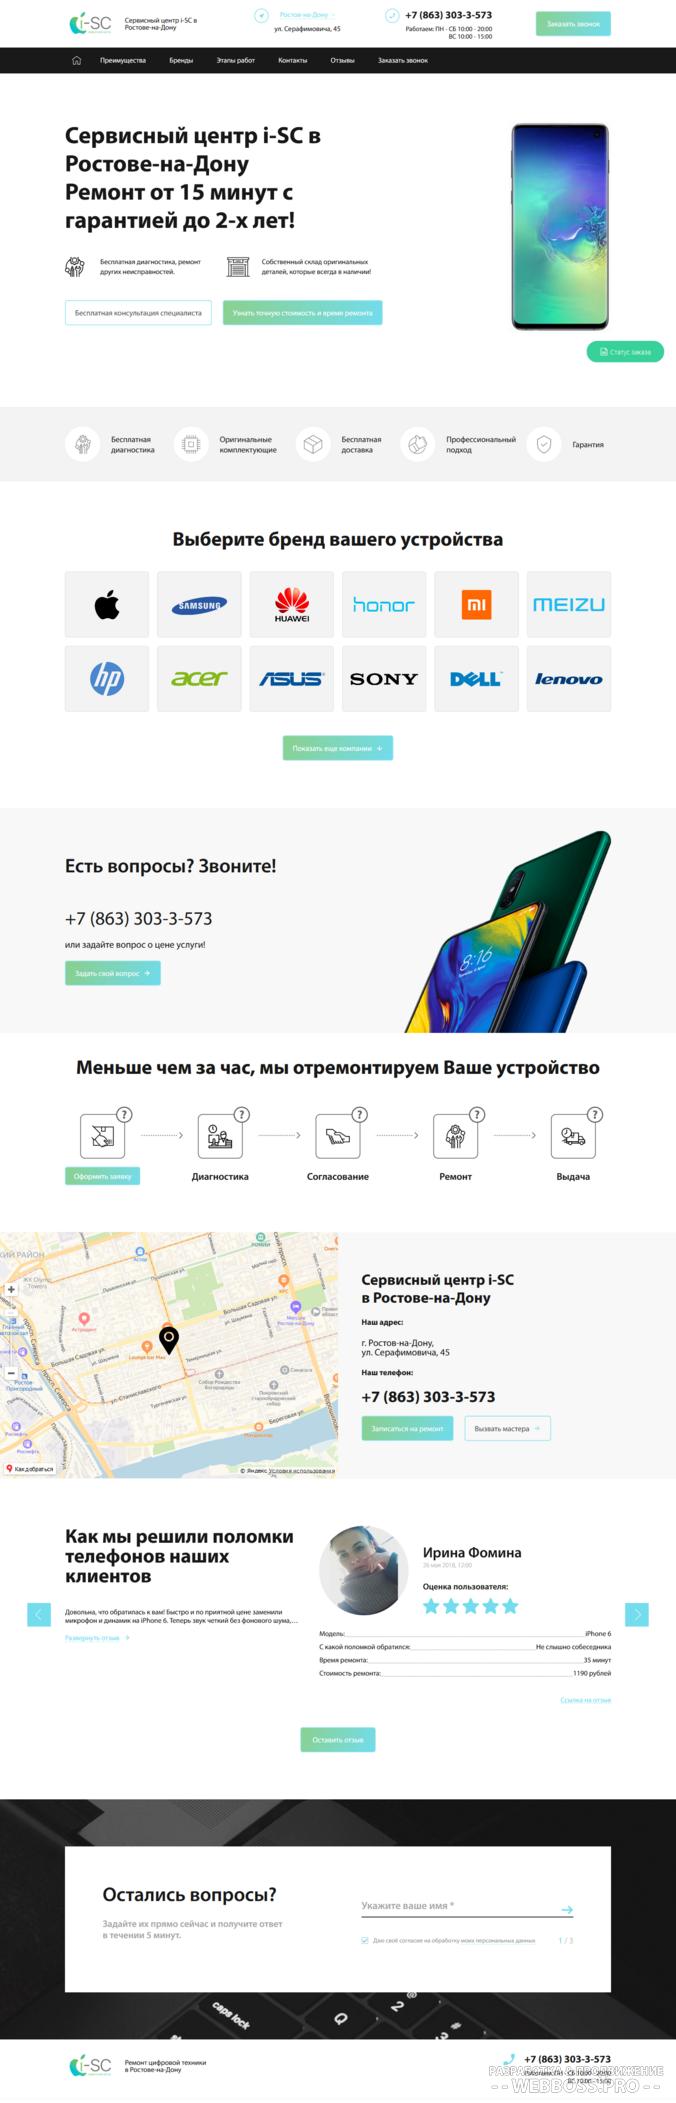 Создание сайта: Сайт по ремонту мультибрендовых устройств: телефонов, планшетов, ноутбуков (после)